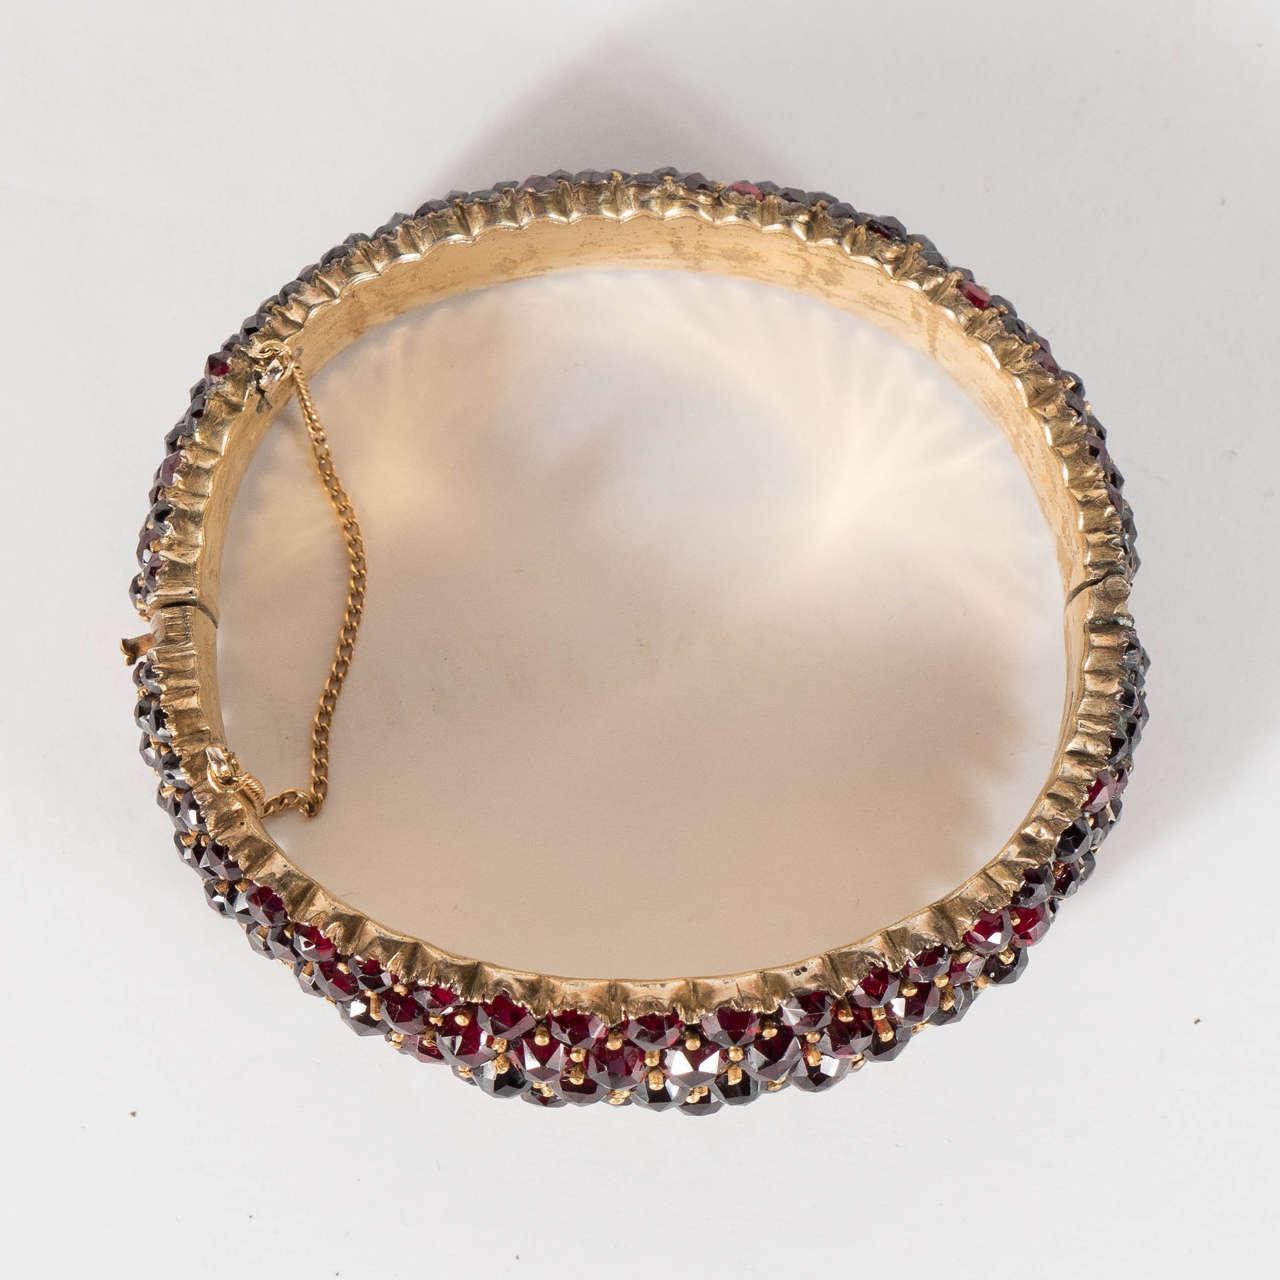 Exquisite Antique Bohemian Garnet Silver Gold Bangle Bracelet 3